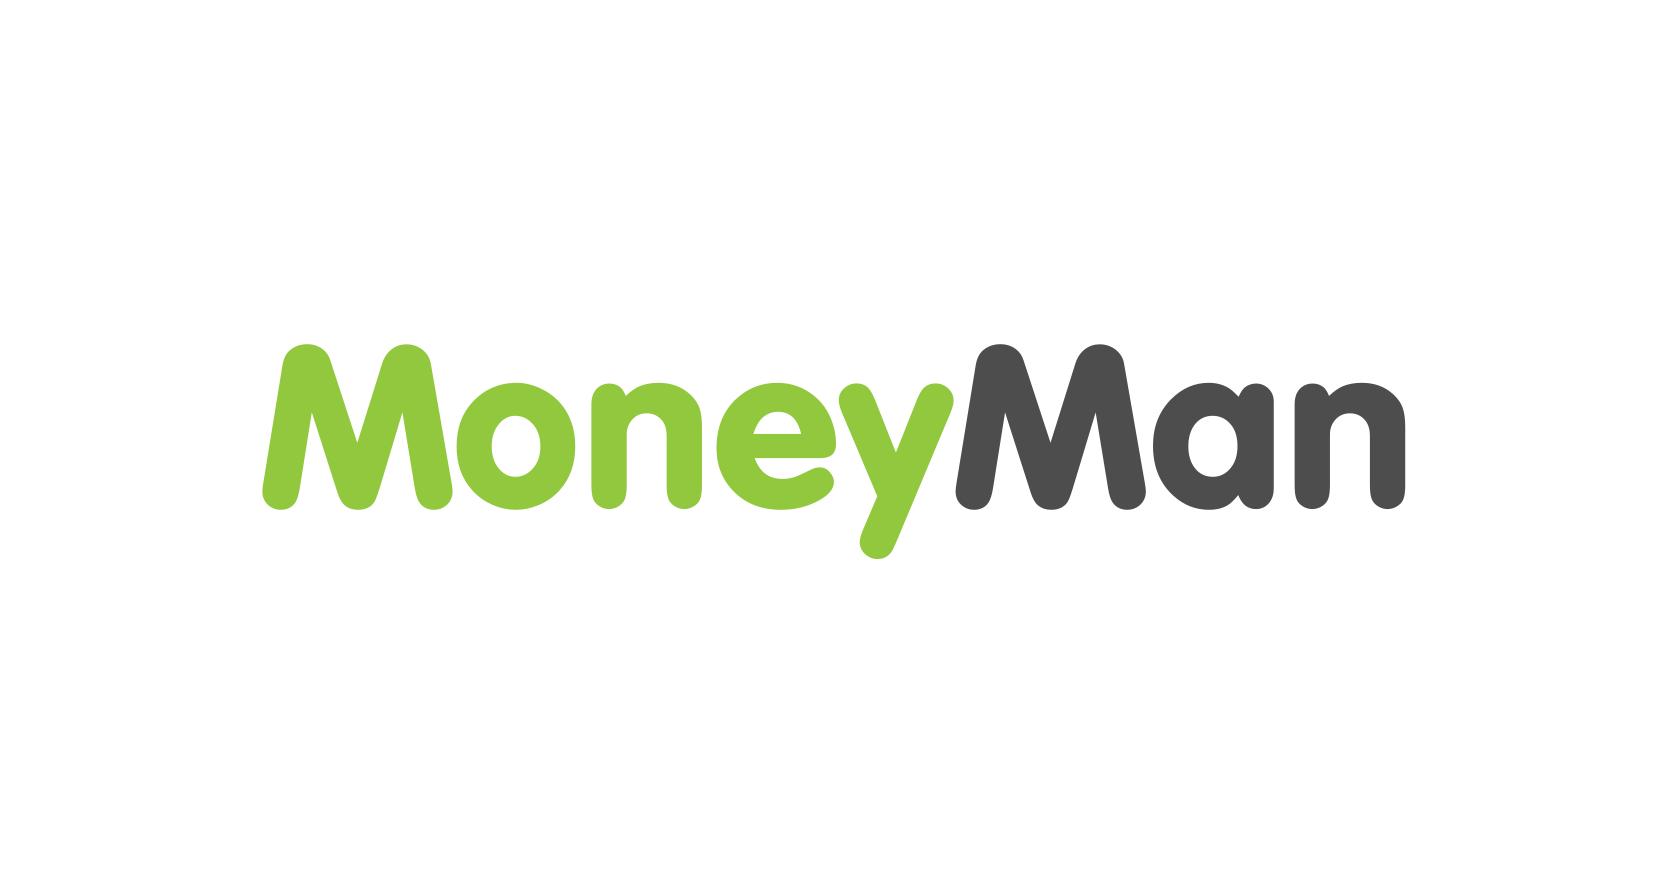 микрофинанс кредит 911 рефинансирование займов онлайн